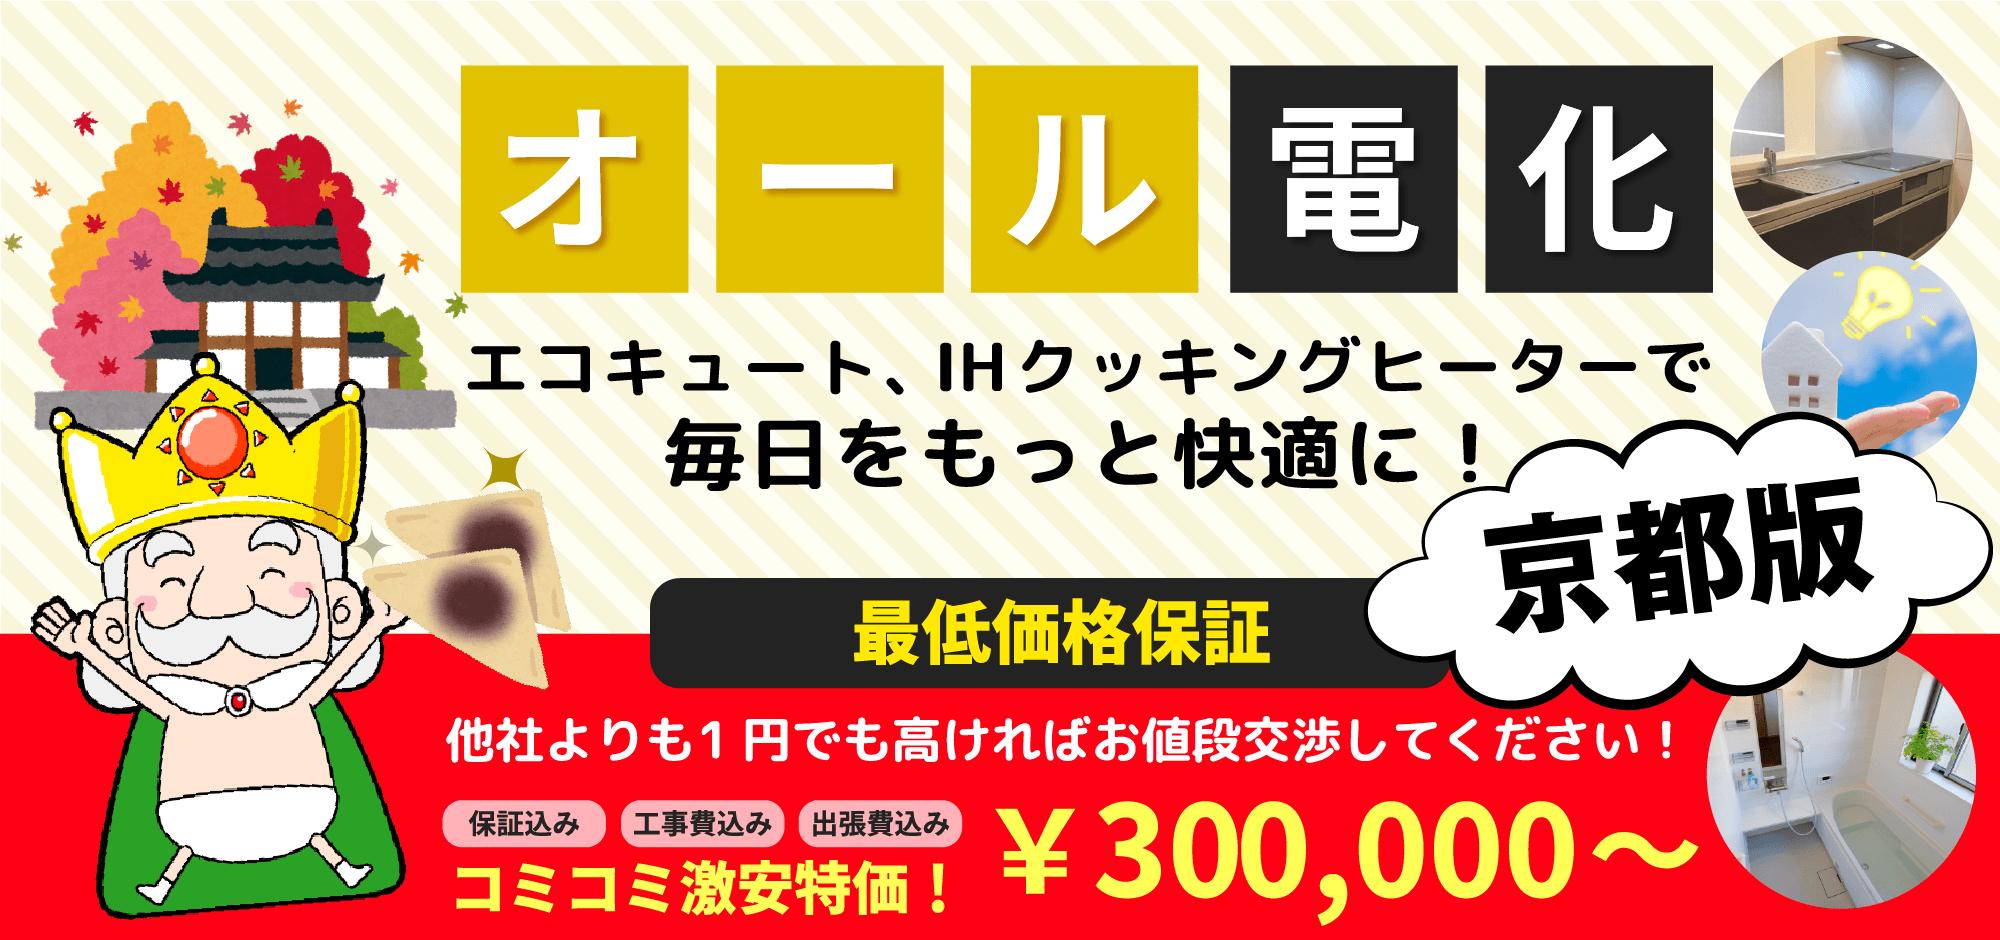 オール電化 エコキュート、IHクッキングヒーターで毎日をもっと快適に! 京都版